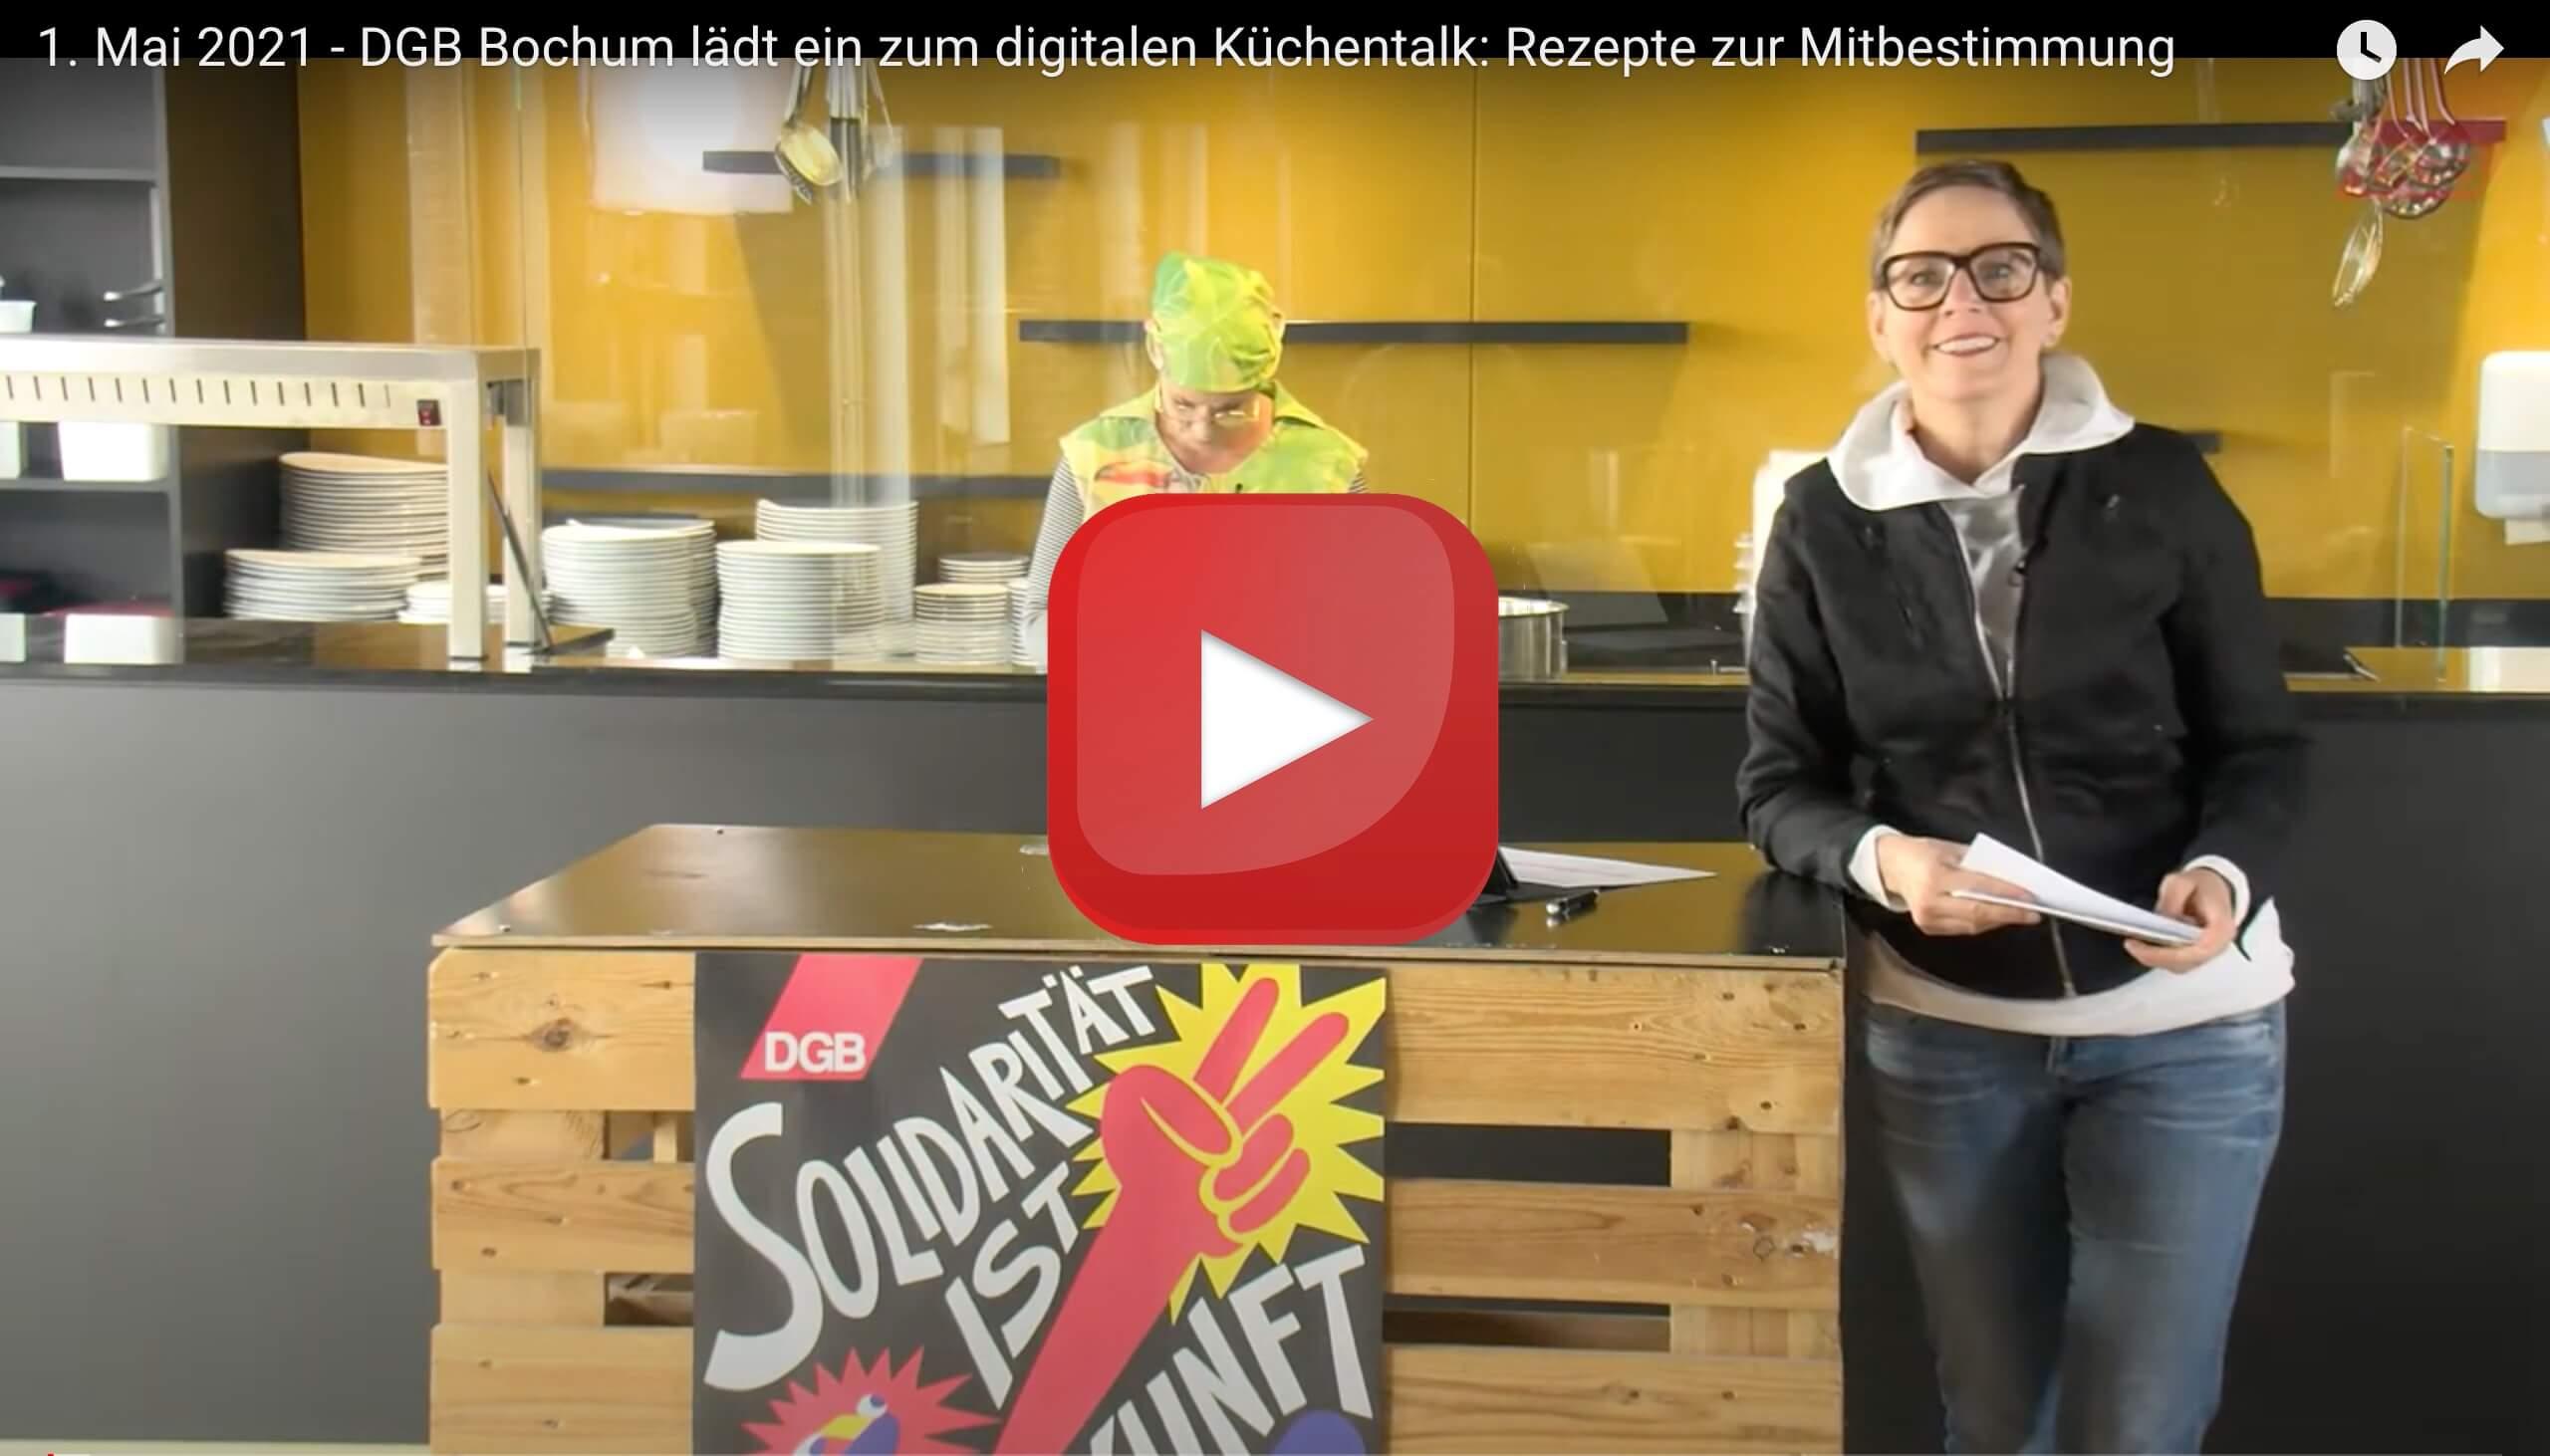 DGB Bochum: Küchentalk - Rezepte zur Mitbestimmung (zum 1. Mai 2021)